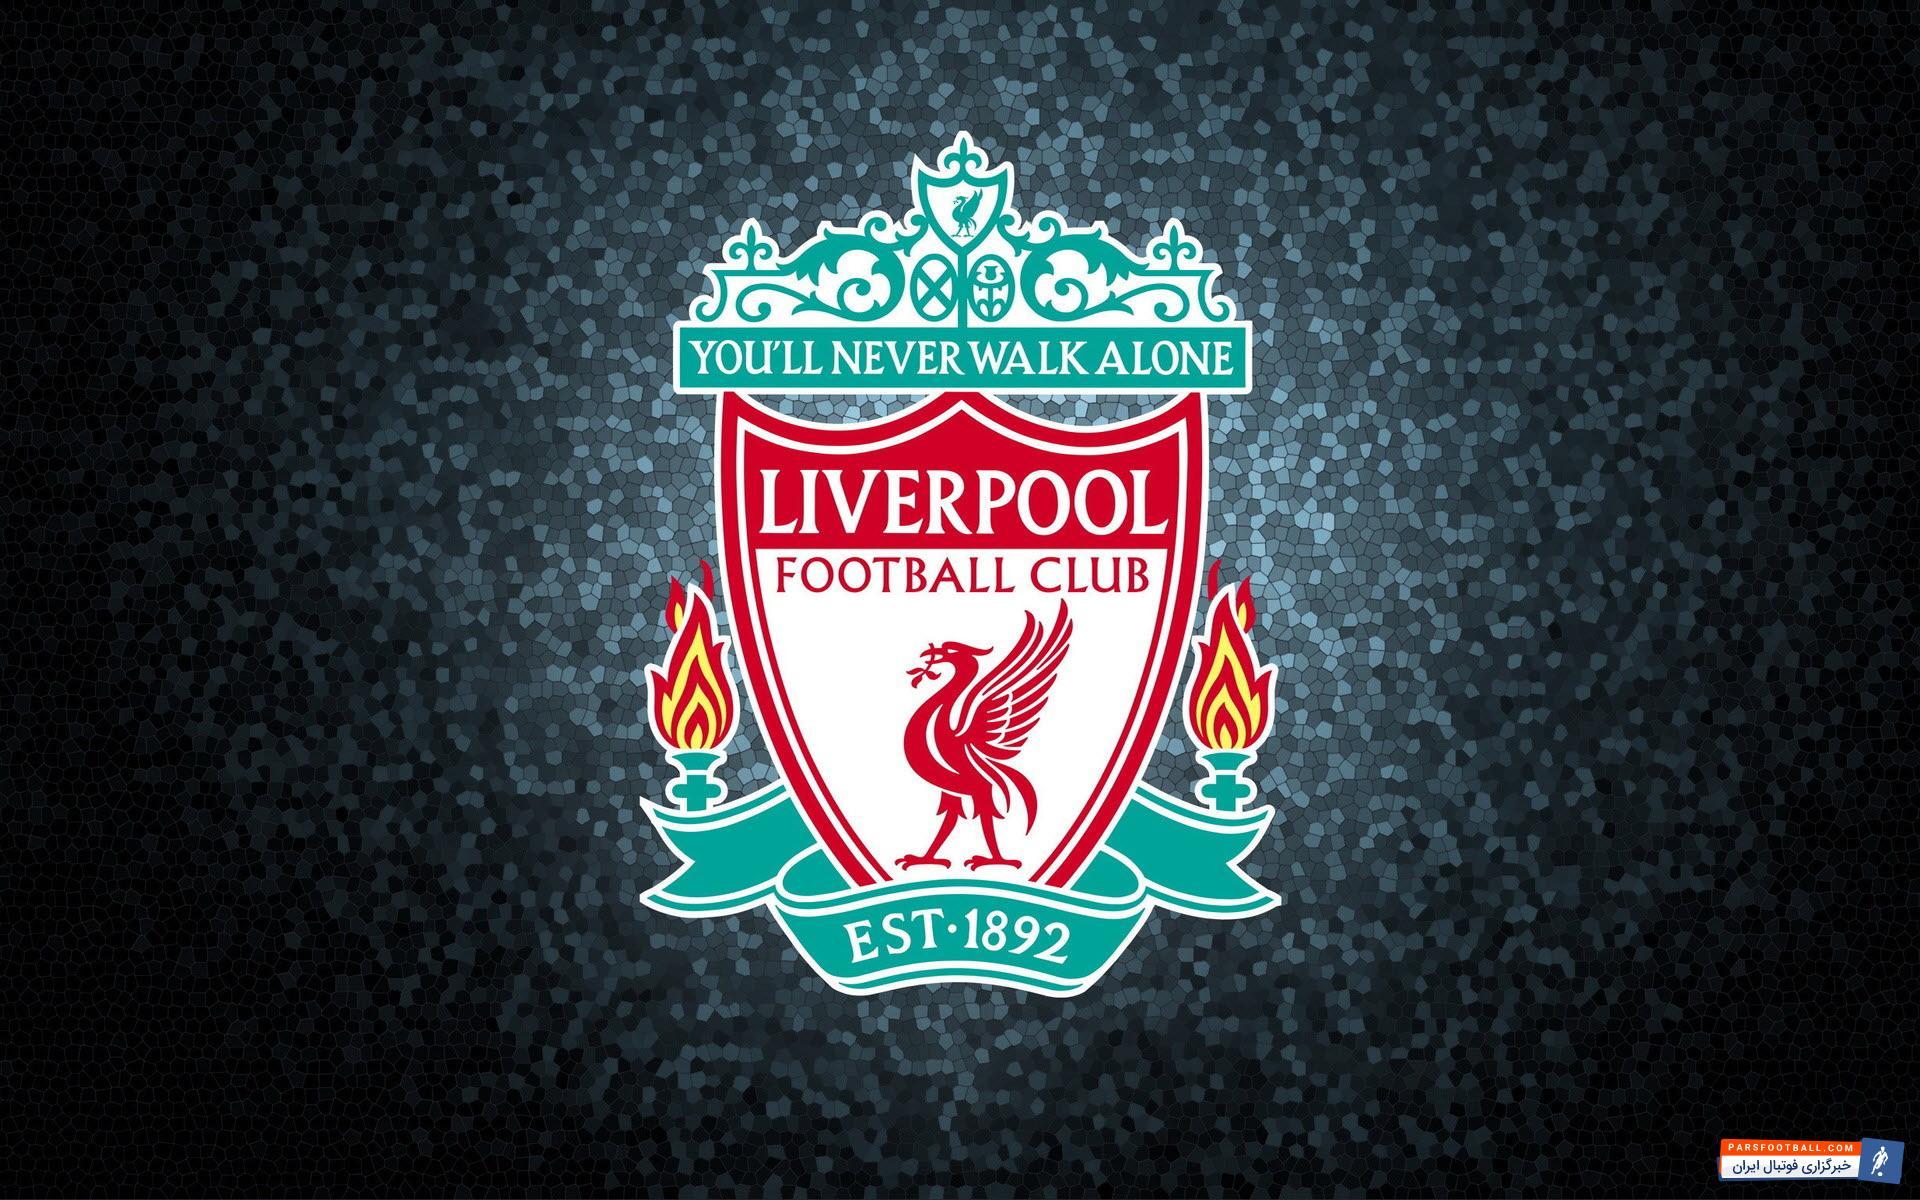 لیورپول ؛لیست لیورپول برای سفر به رم ؛سورپرایز ویژه کلوپ در لیست لیورپول برای لیگ قهرمانان